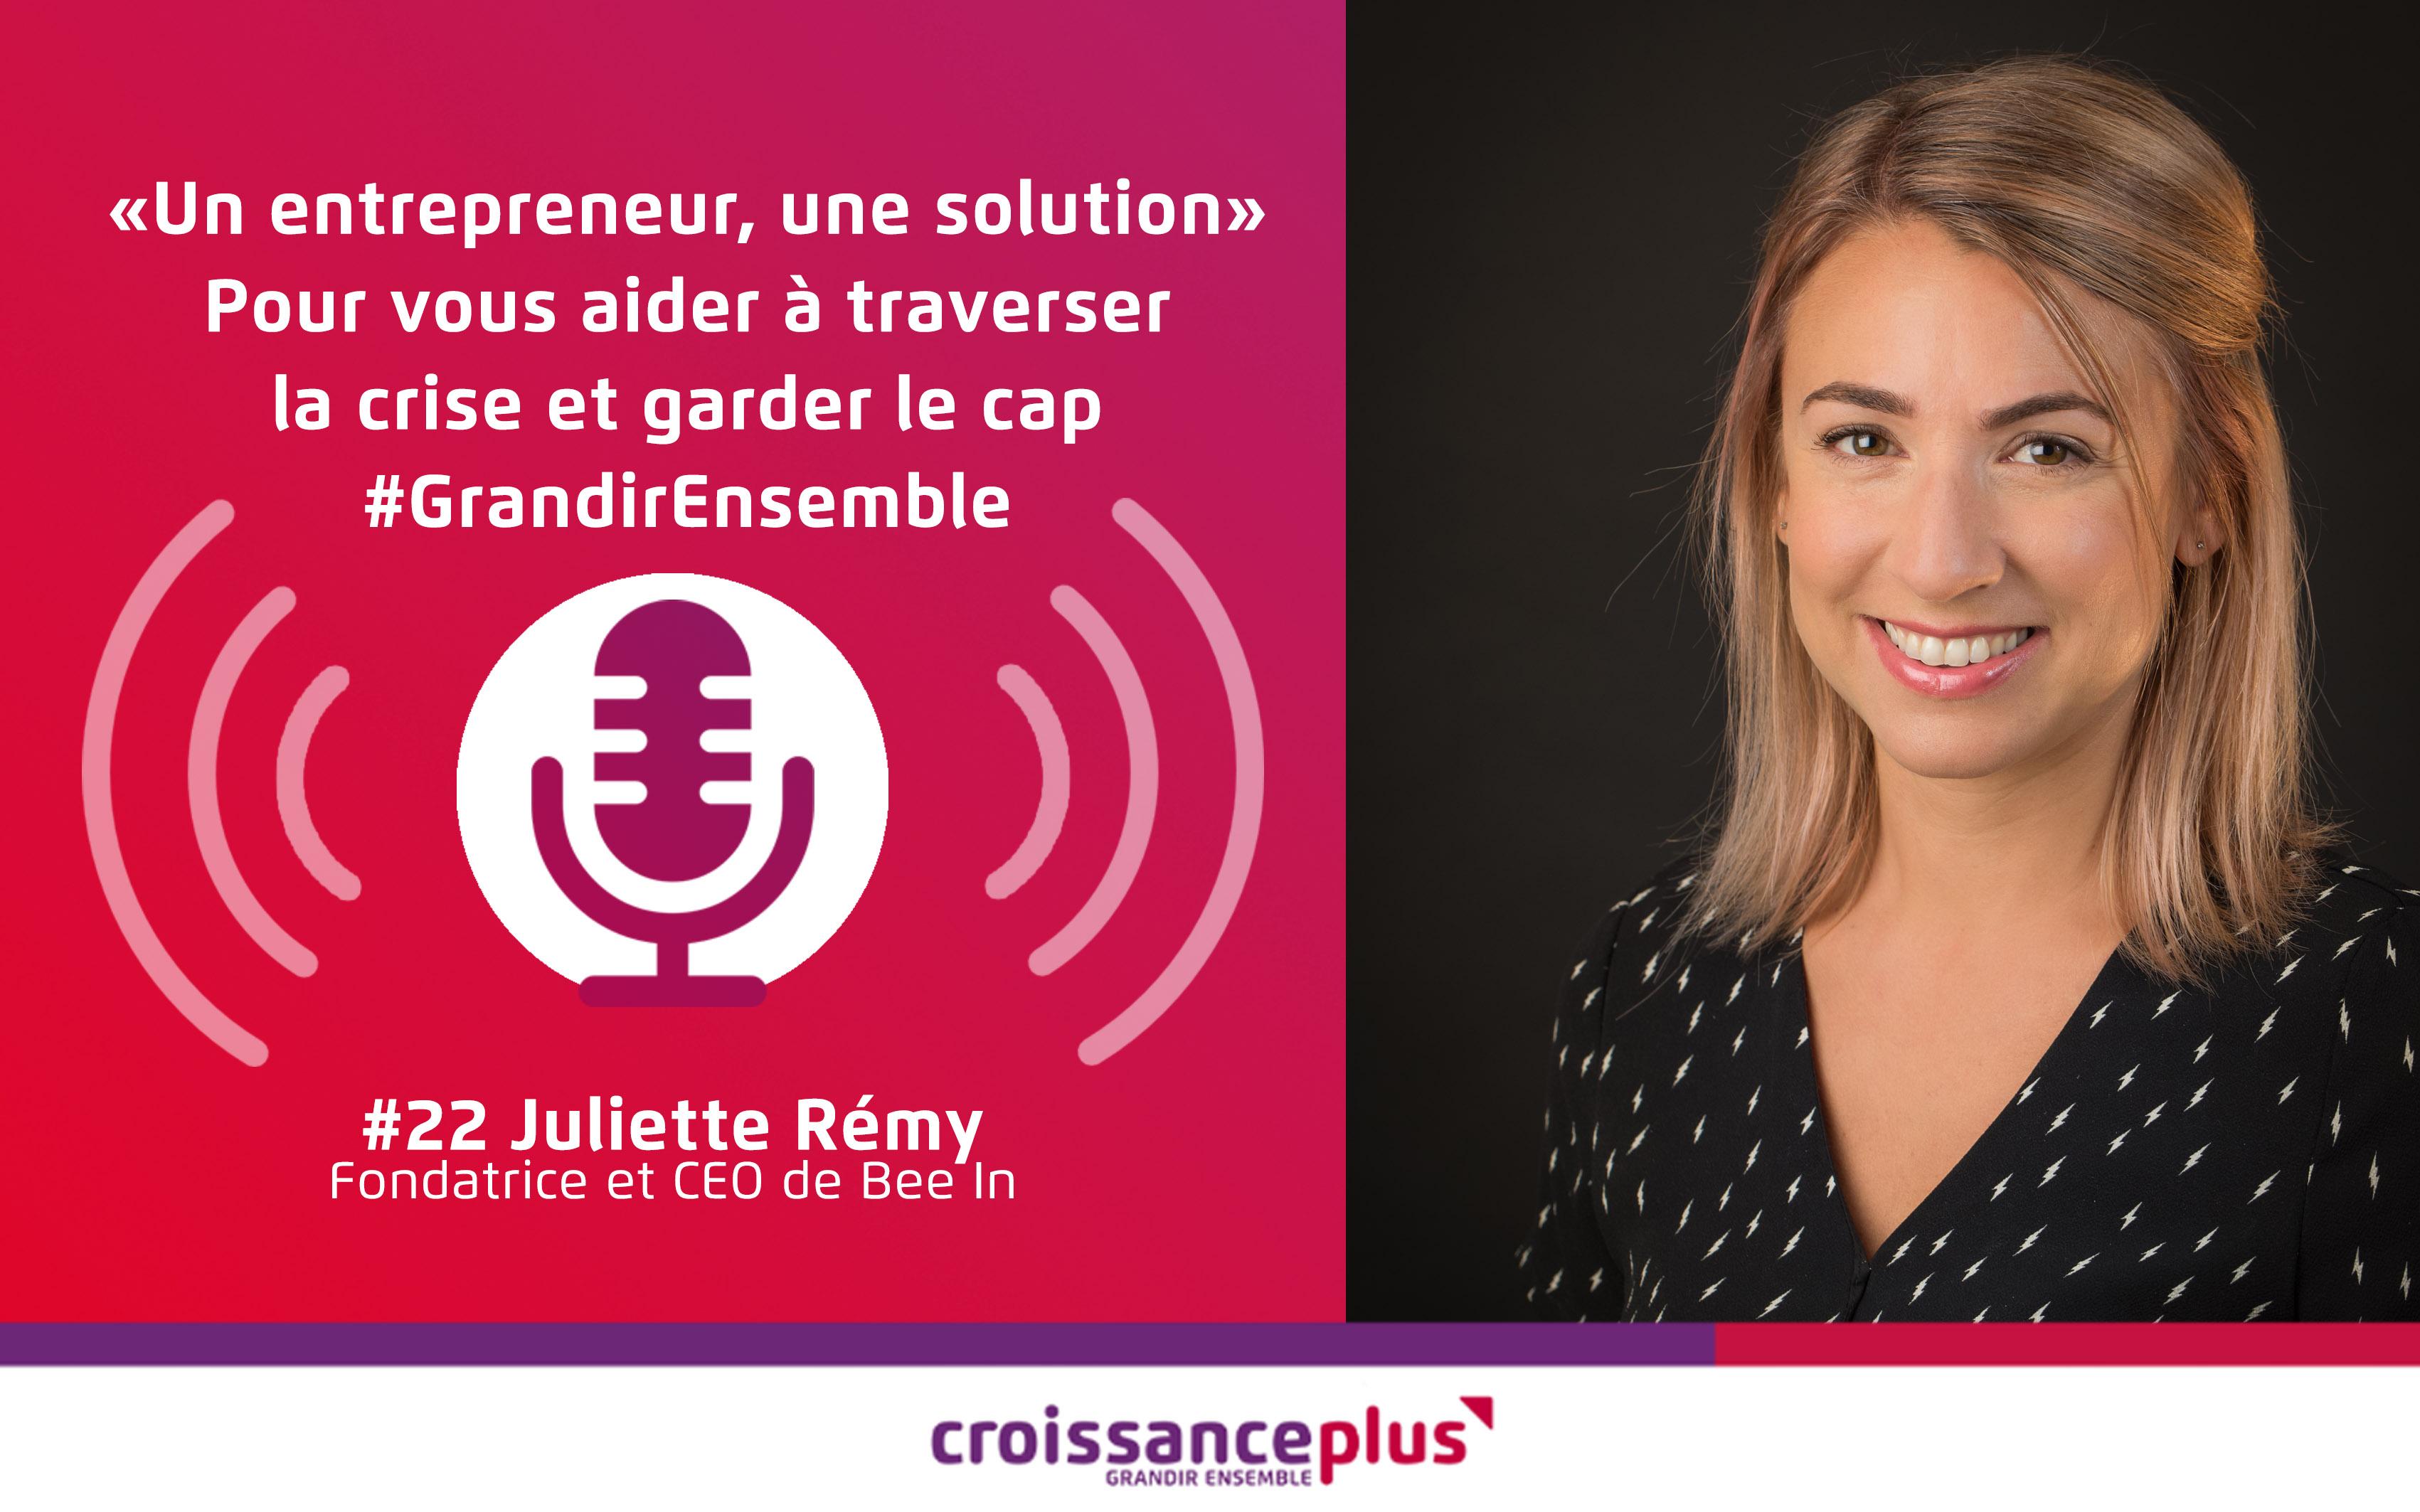 Un entrepreneur, une solution #22 – Juliette Rémy